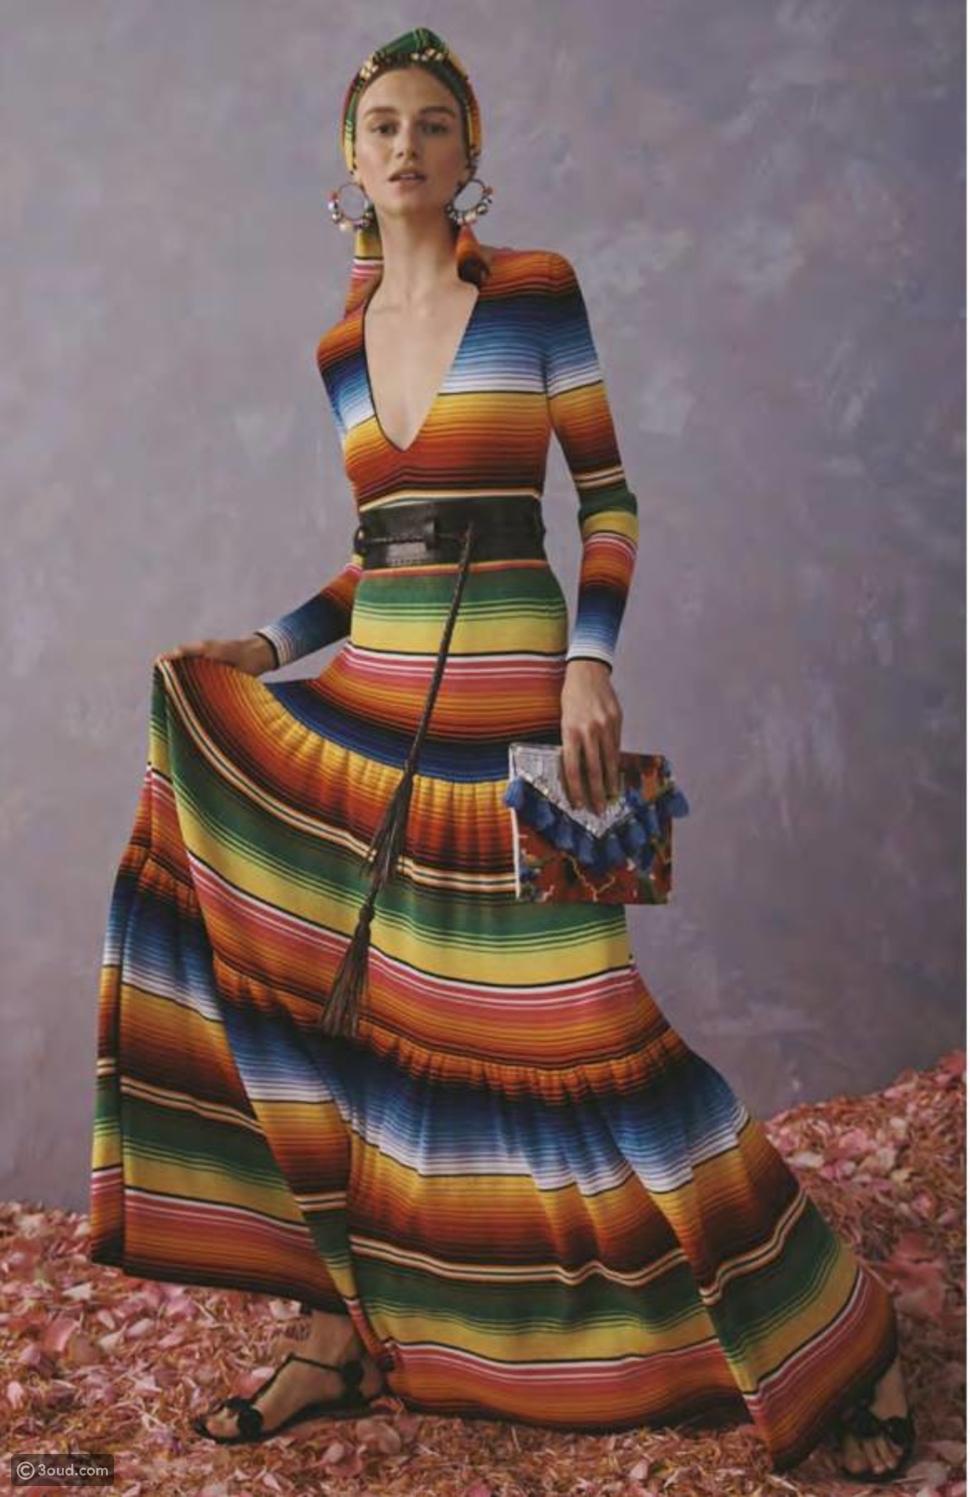 الحكومة المكسيكية غاضبة من المصممة كارولينا هيريرا والسبب؟